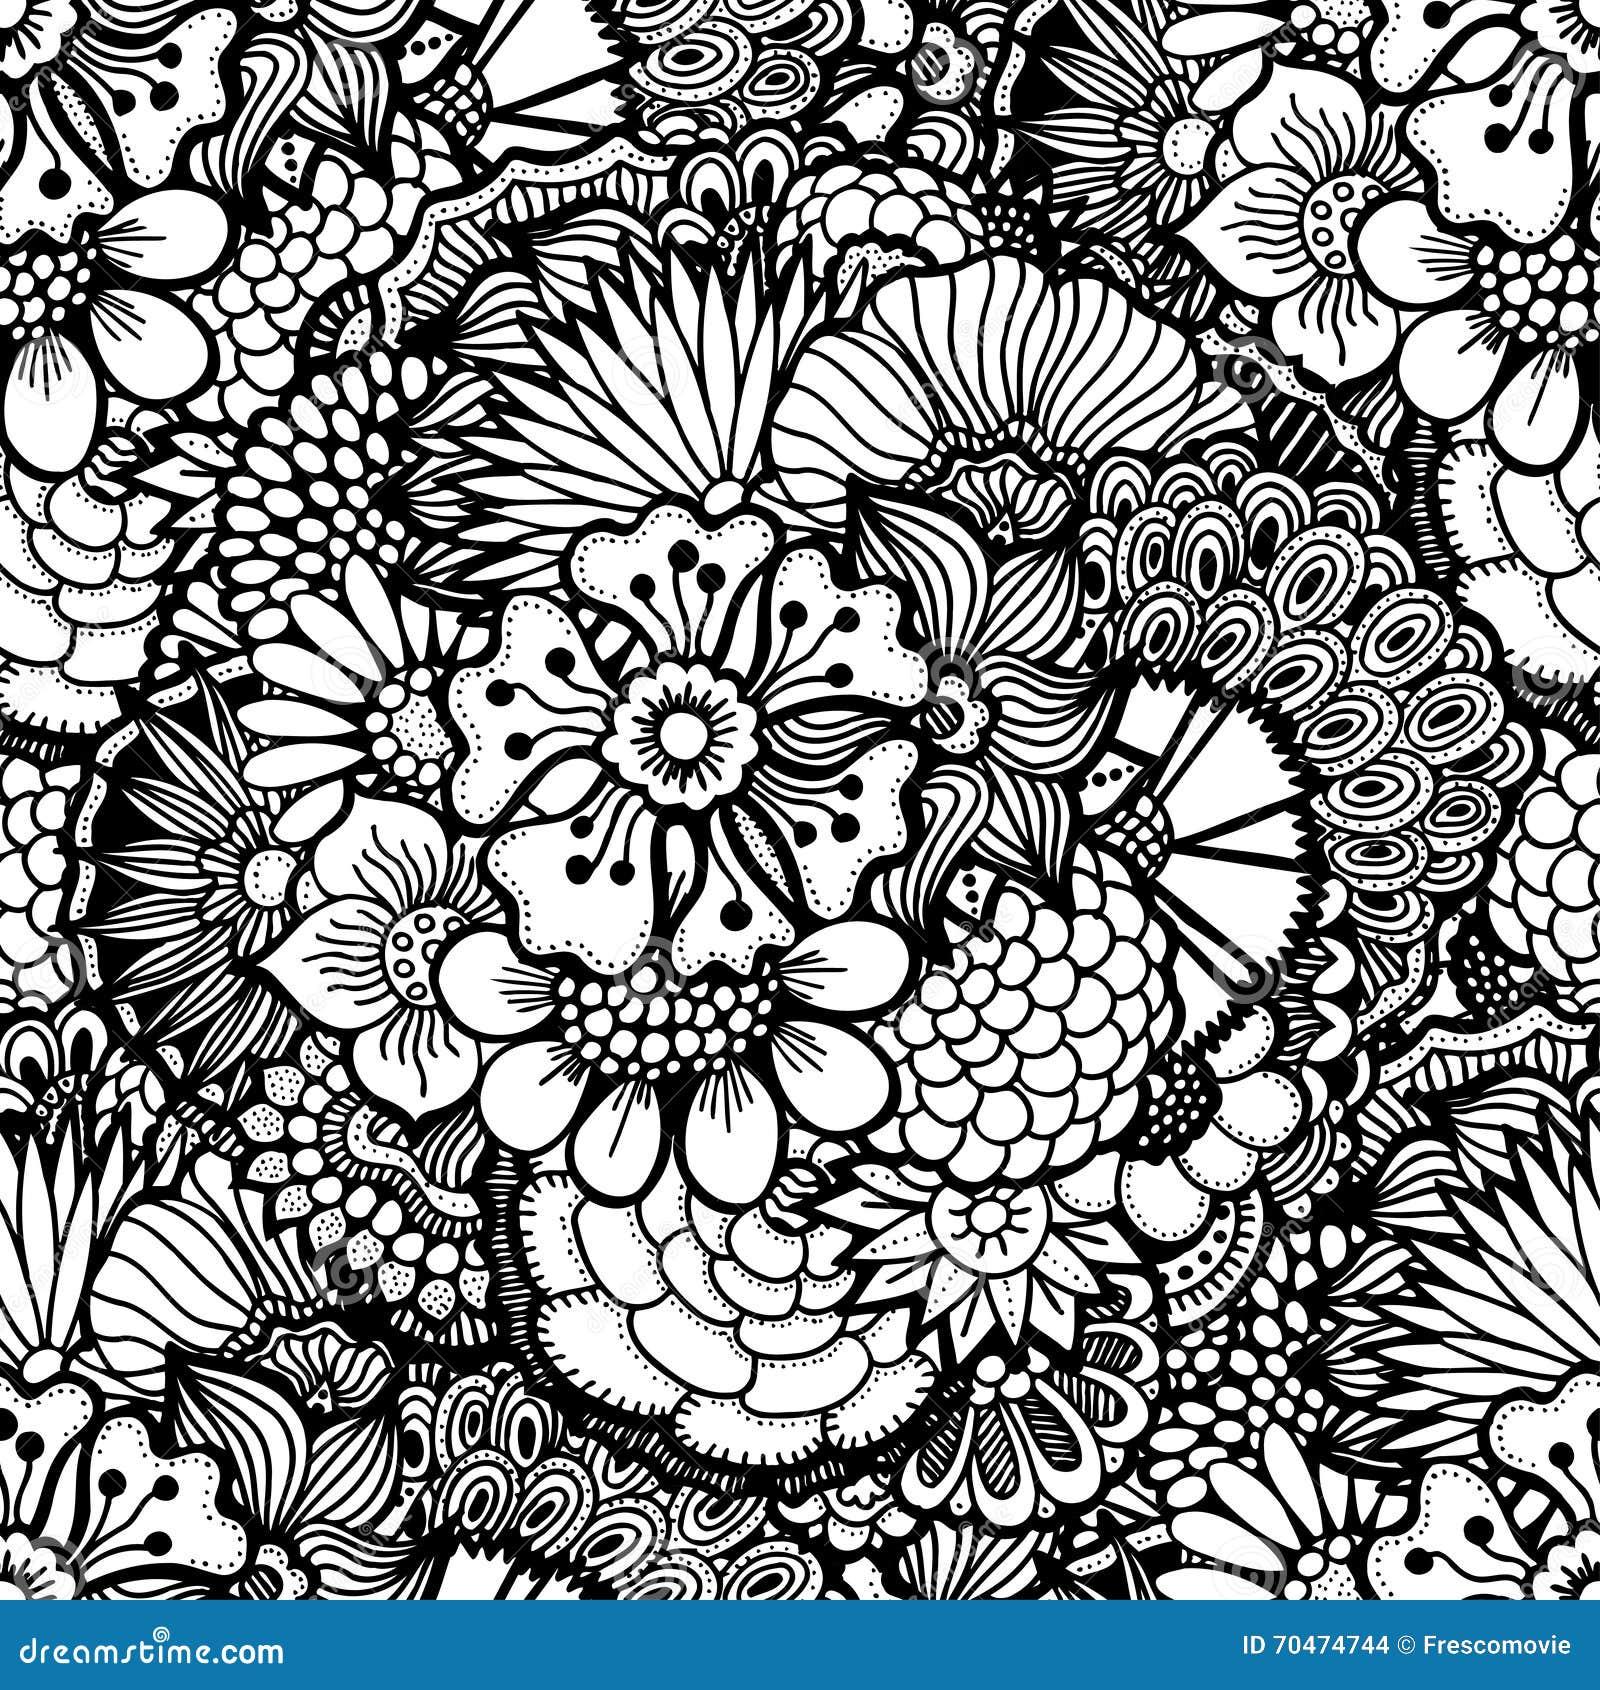 Papel pintado floral drenado mano ilustraci n del vector imagen 70474744 - Papel pintado a mano ...